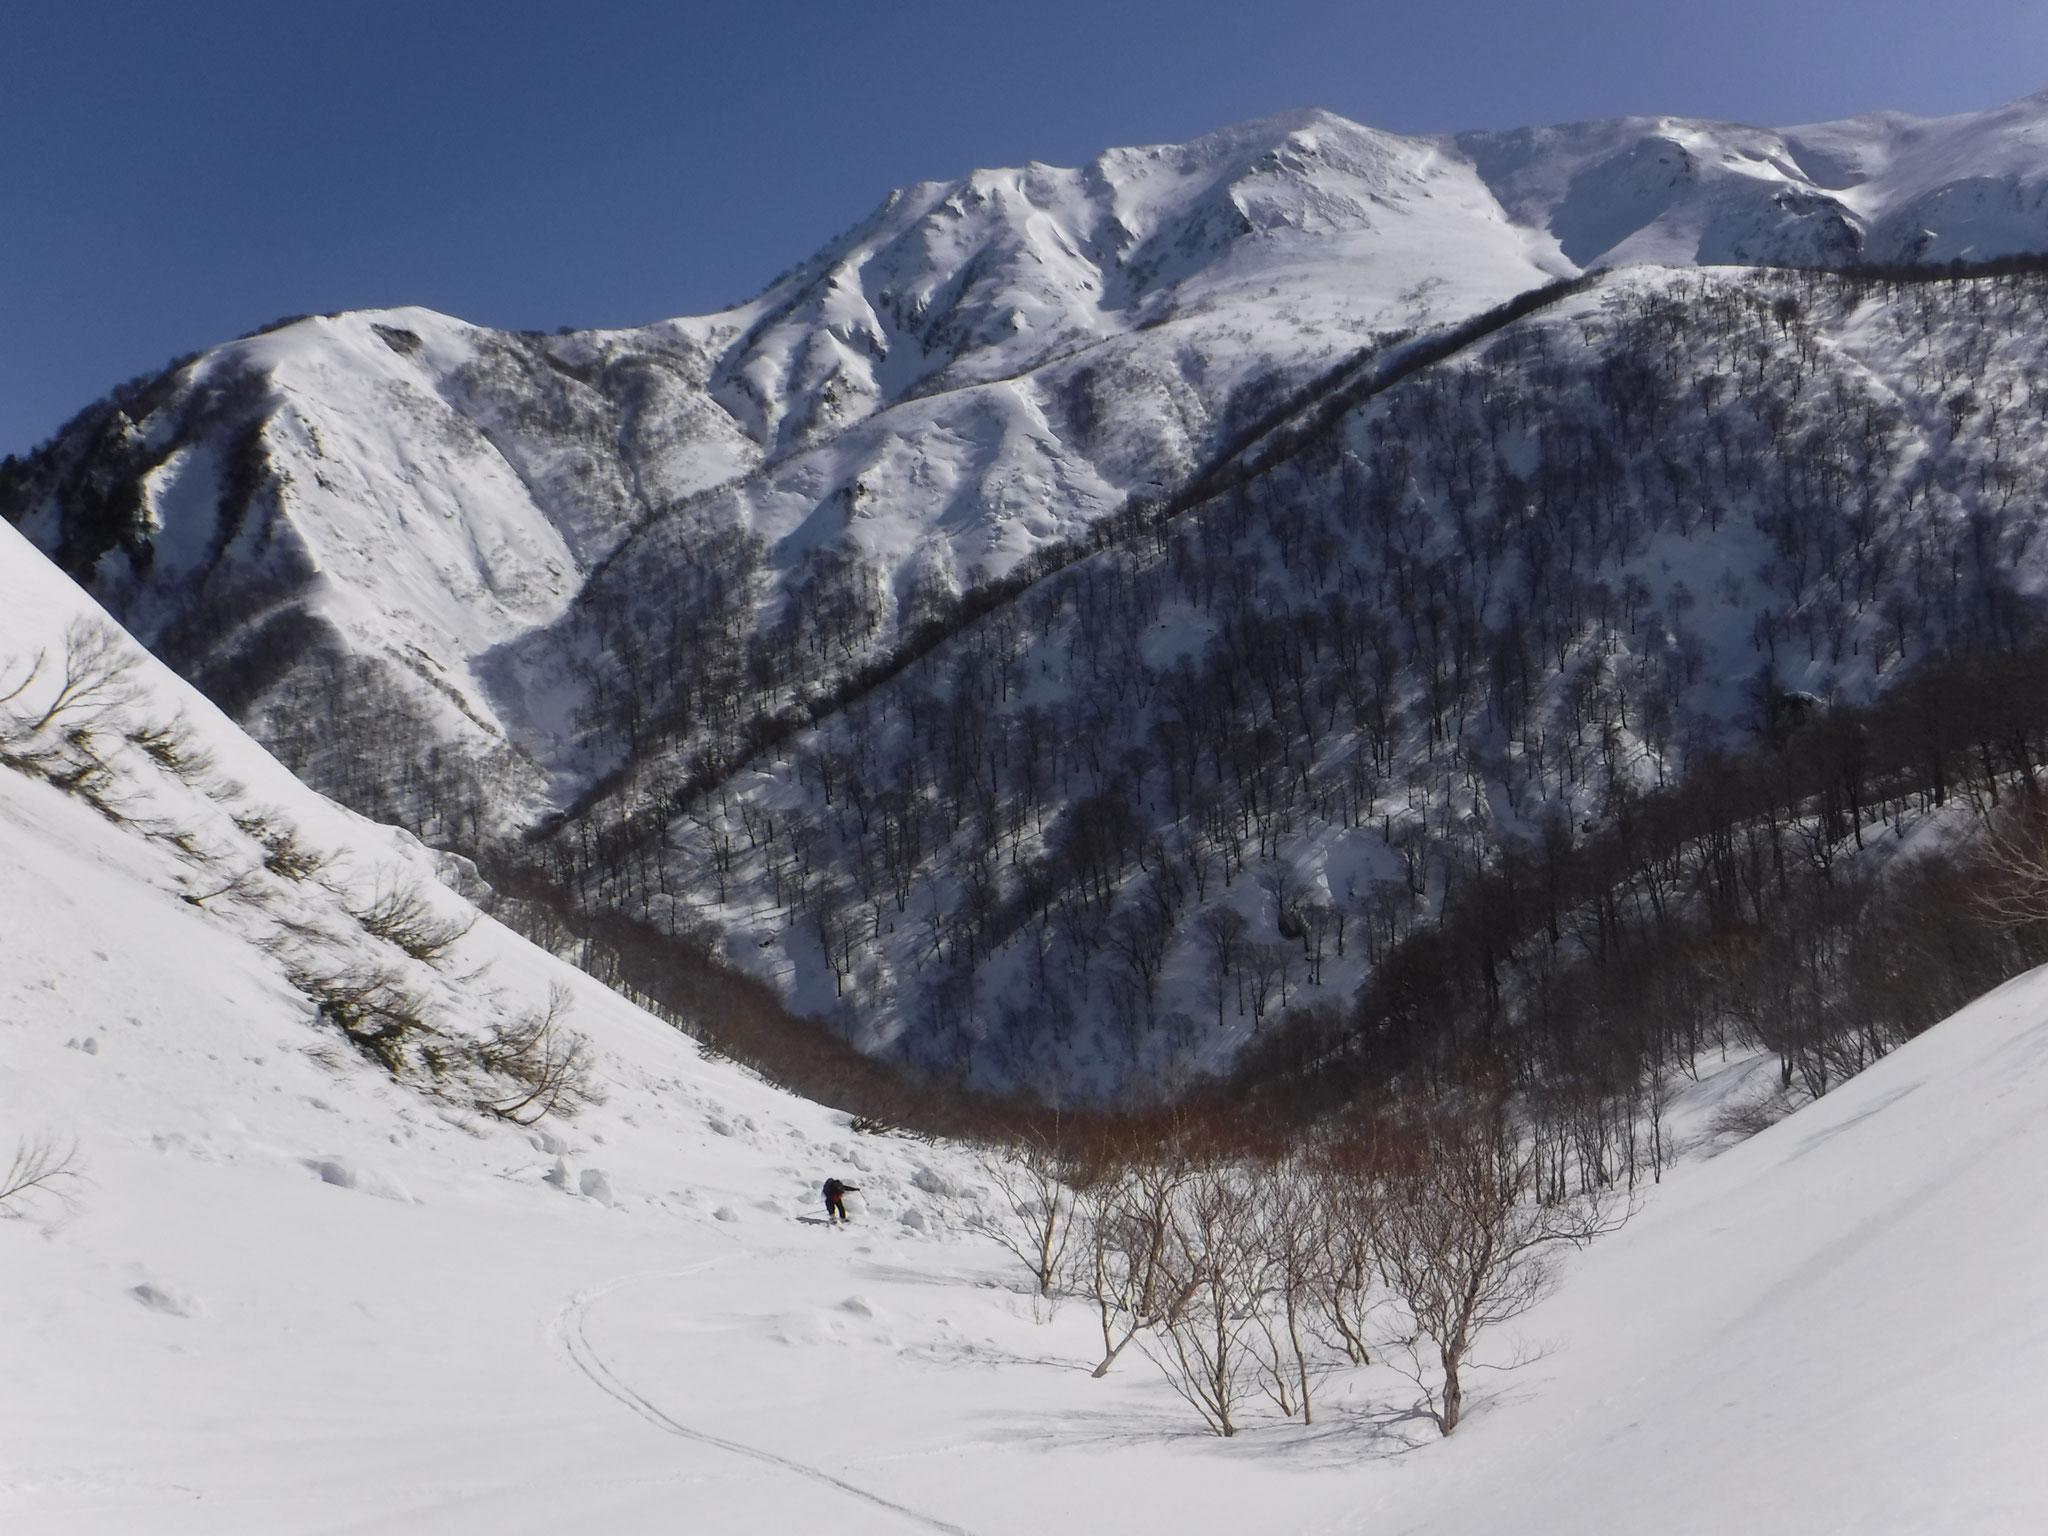 対岸の万太郎山西面も素敵な斜面